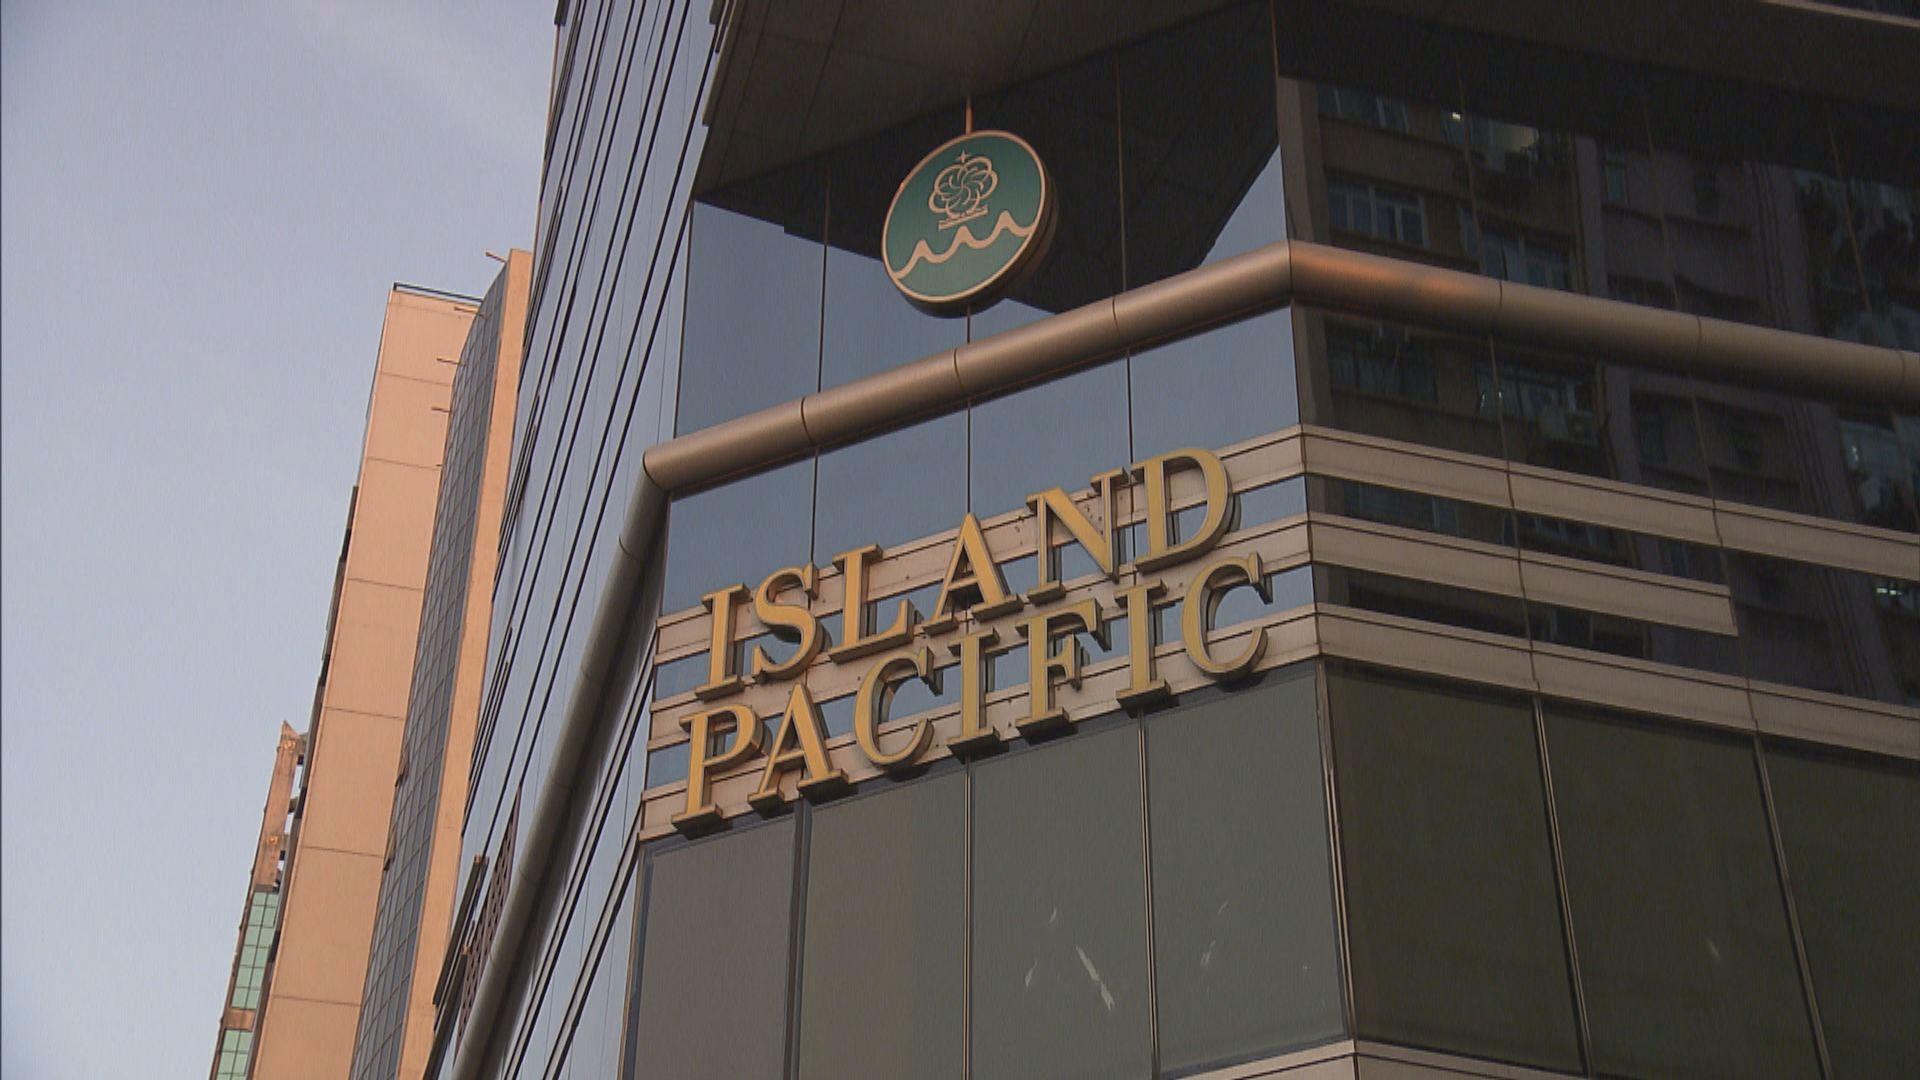 港島太平洋酒店停止營運